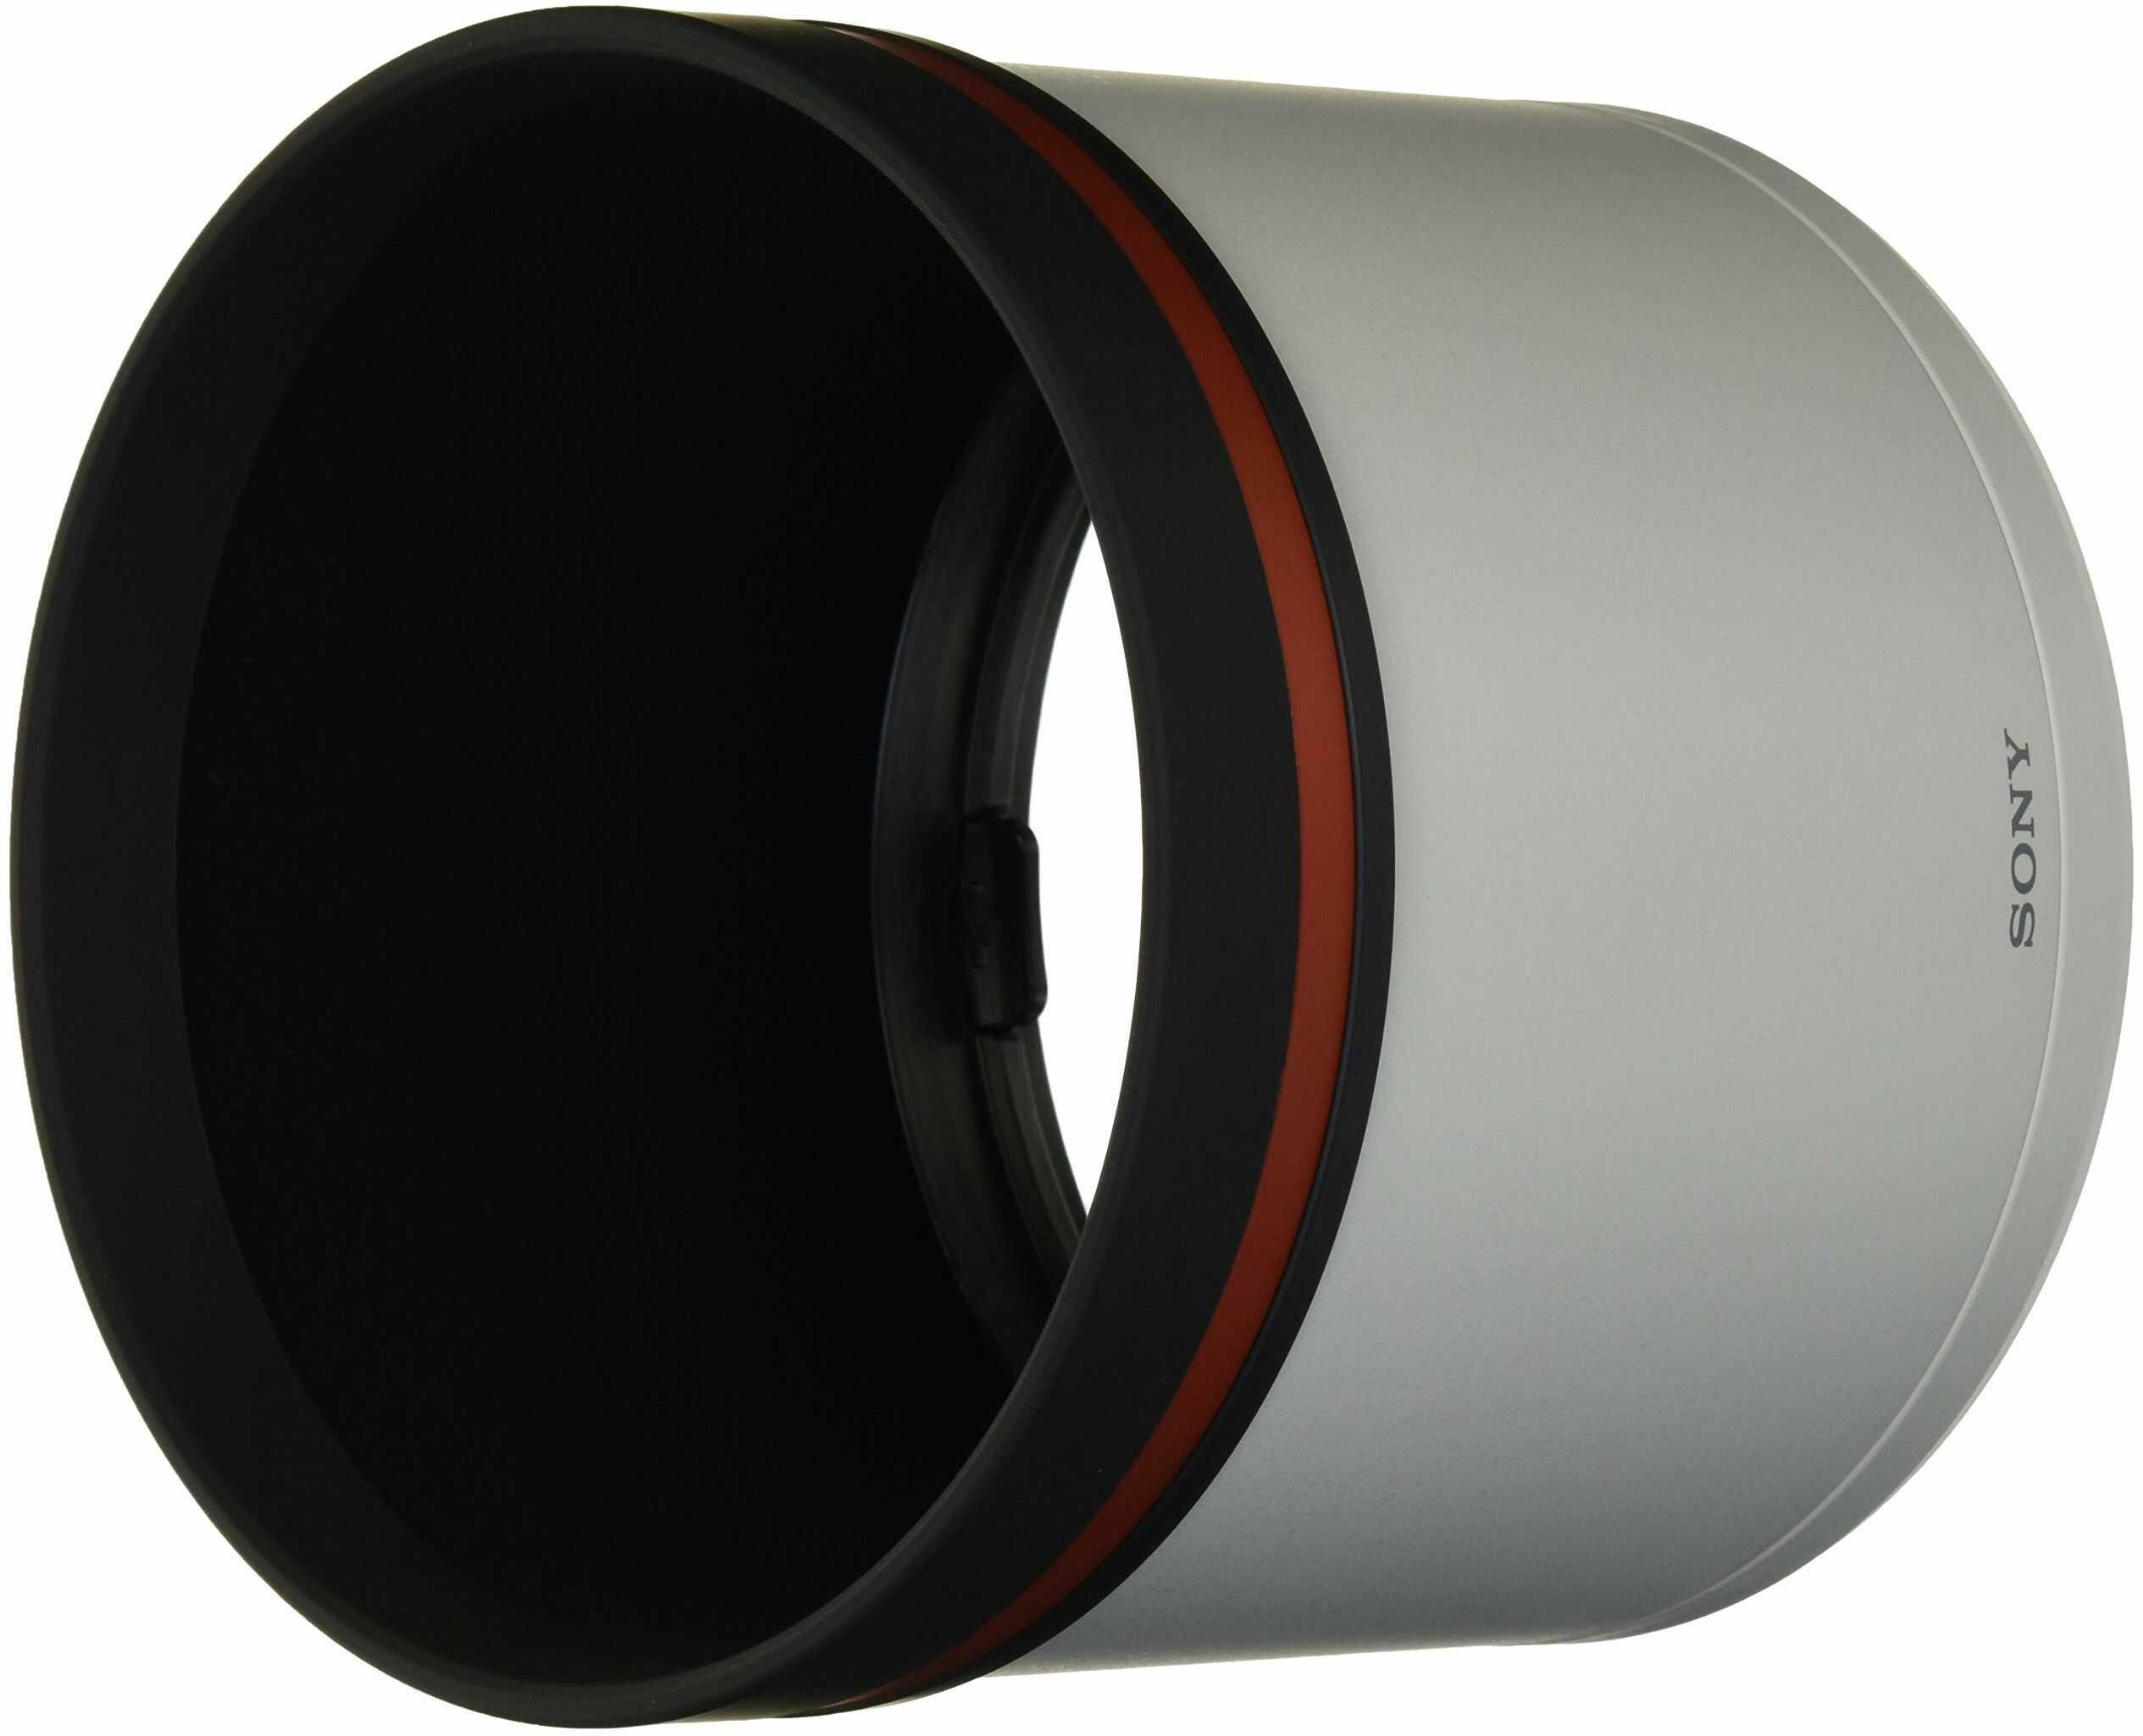 Sony ALC-SH155 osłona przeciwsłoneczna do SEL400F28GM